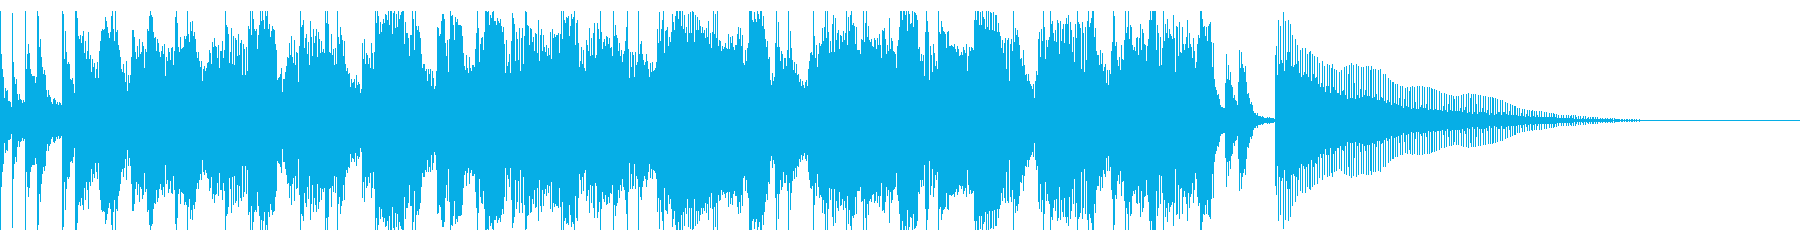 楽しく勉強する歌 プランクトンの再生済みの波形